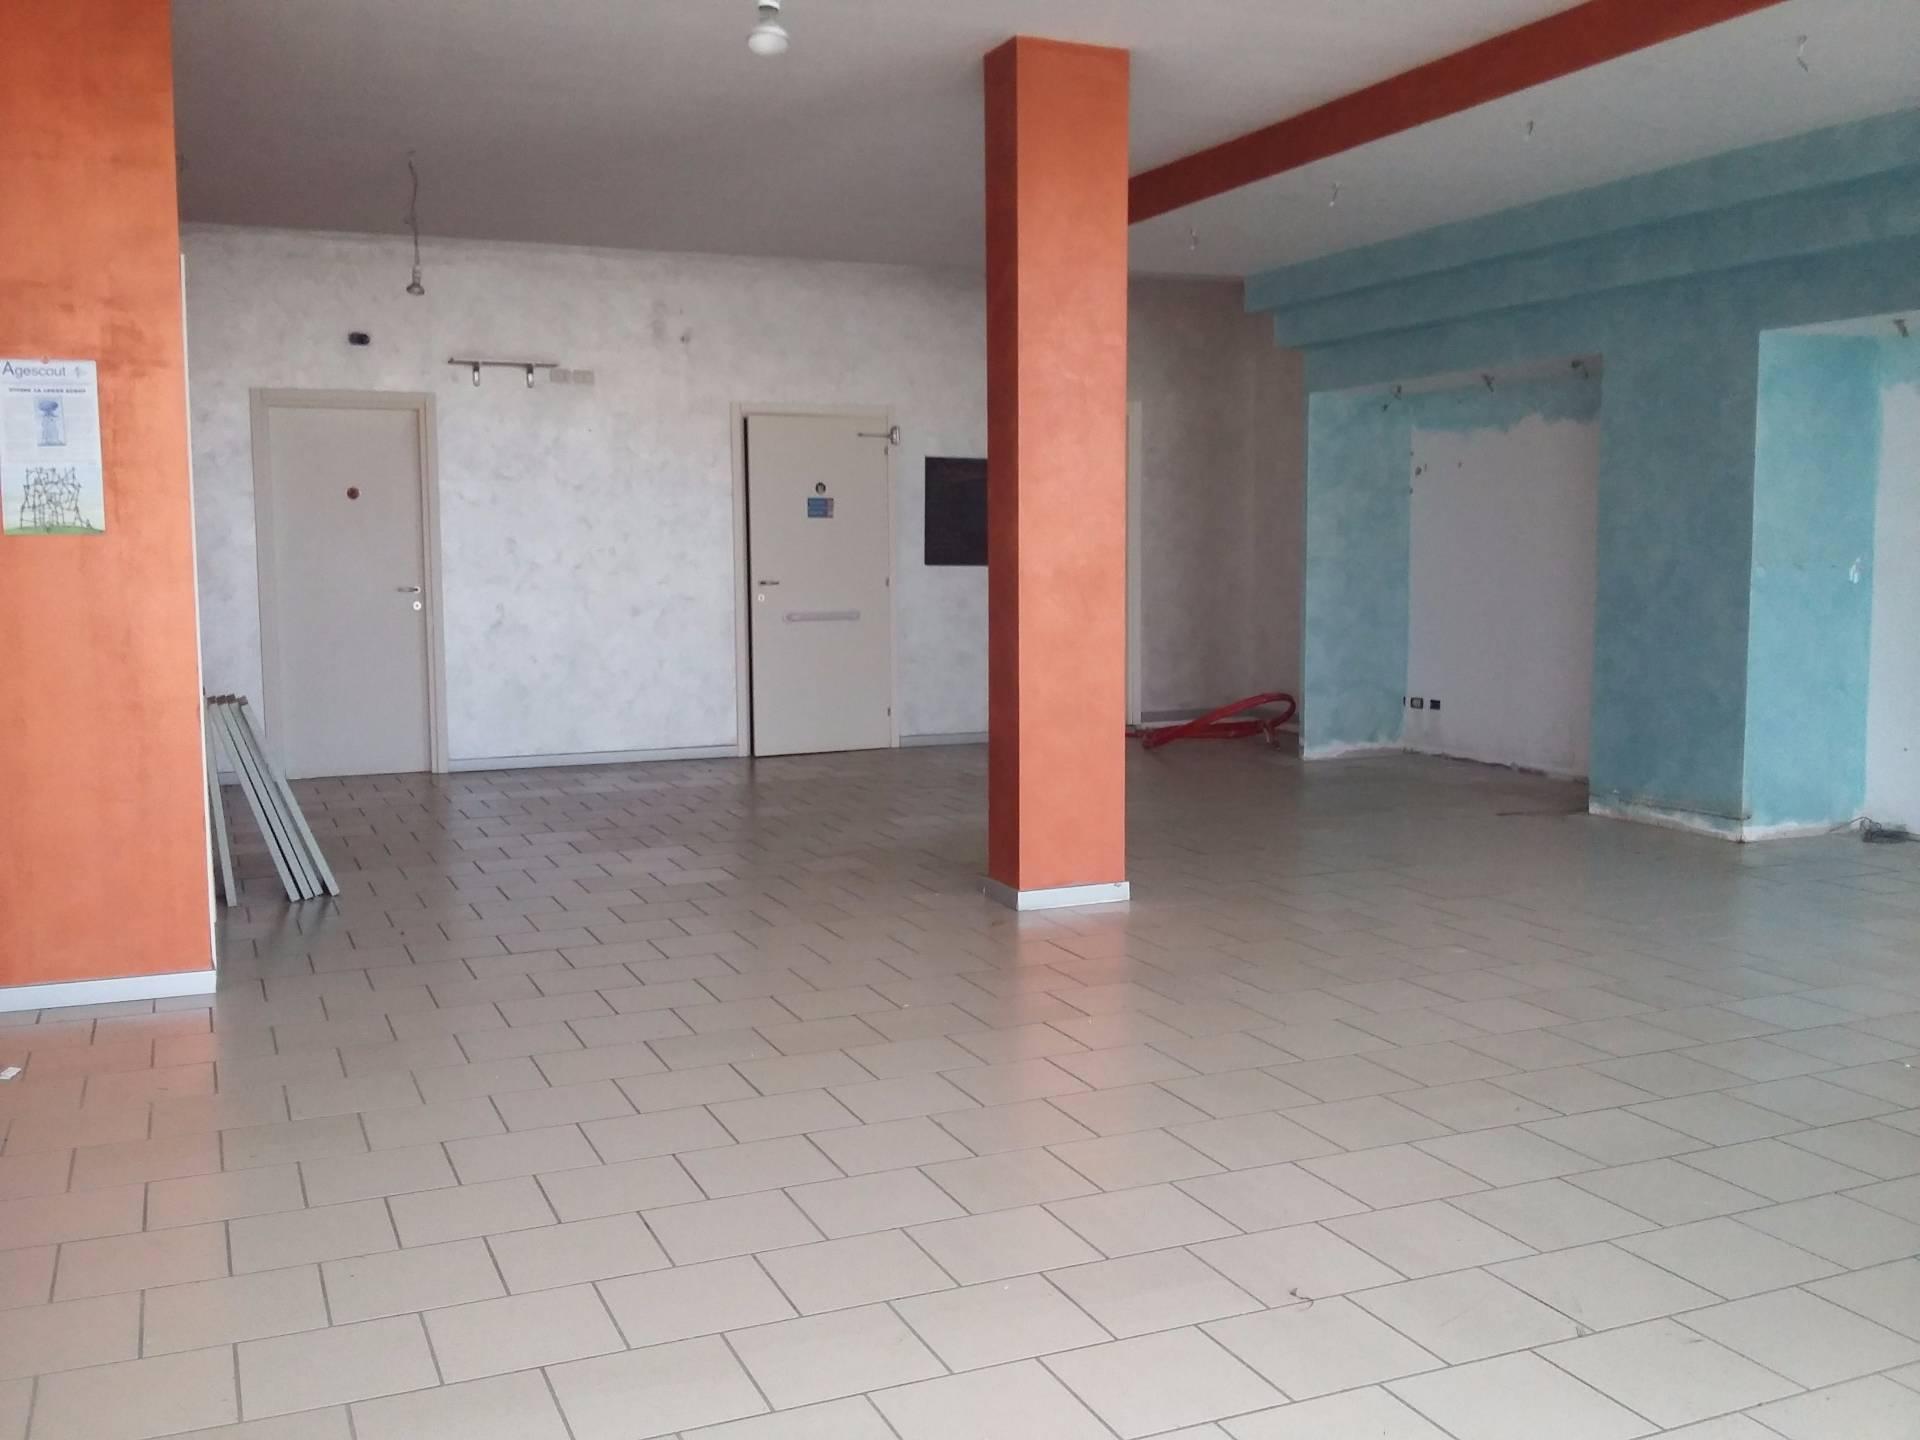 Attività / Licenza in affitto a Montaione, 9999 locali, zona Zona: Mura, prezzo € 700 | Cambio Casa.it